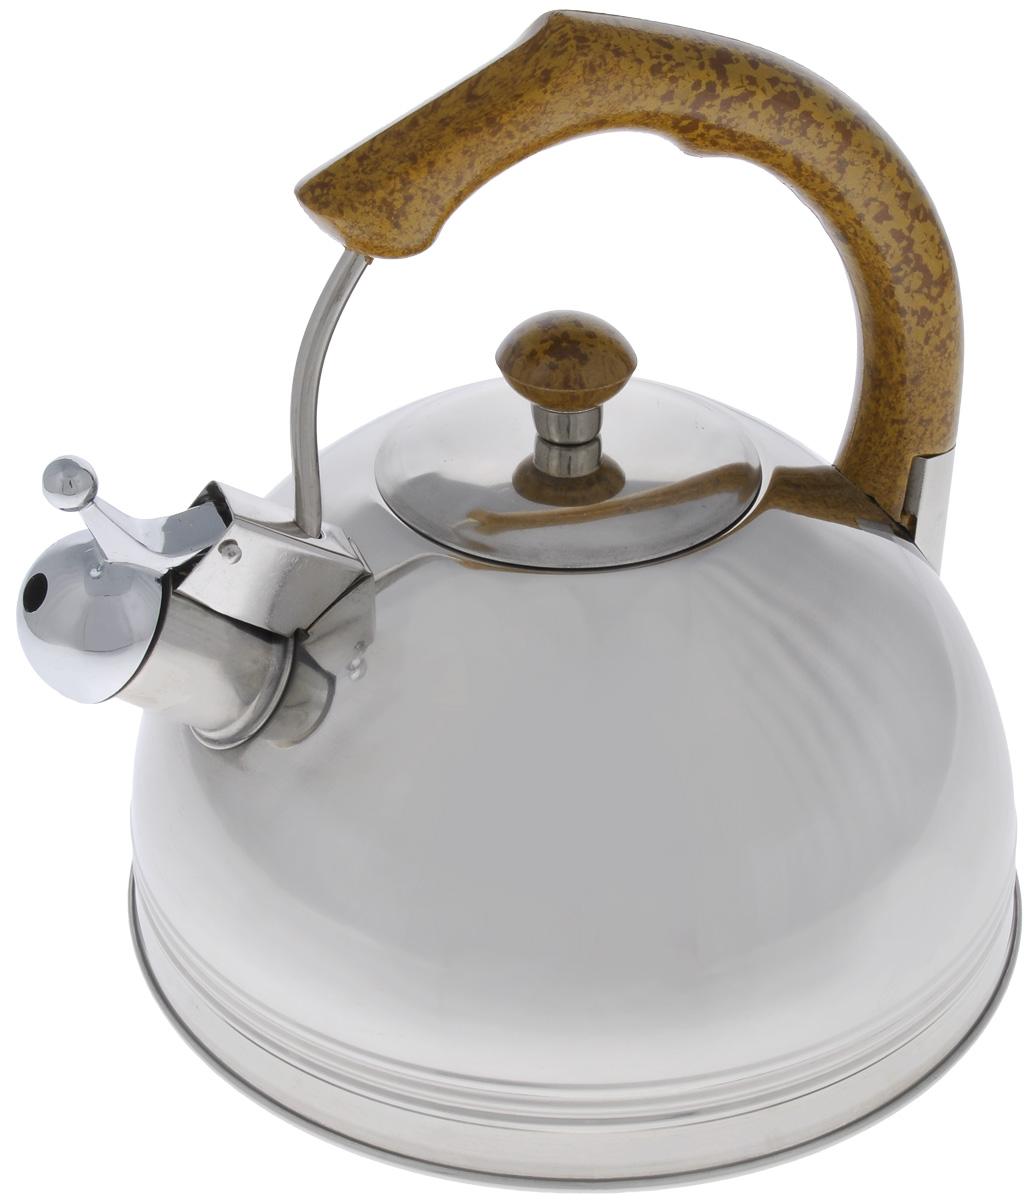 Чайник Mayer & Boch, со свистком, 2,5 л. 6088CM000001328Чайник Mayer & Boch выполнен из высококачественной нержавеющей стали, что делает его весьма гигиеничным и устойчивым к износу при длительном использовании. Капсулированное дно с прослойкой из алюминия обеспечивает наилучшее распределение тепла. Носик чайника оснащен насадкой-свистком, что позволит вам контролировать процесс подогрева или кипячения воды. Фиксированная ручка, изготовленная из бакелита в цвет дерева, делает использование чайника очень удобным и безопасным. Поверхность чайника гладкая, что облегчает уход за ним. Эстетичный и функциональный, с эксклюзивным дизайном, чайник будет оригинально смотреться в любом интерьере.Подходит для всех типов плит, кроме индукционных. Можно мыть в посудомоечной машине.Высота чайника (без учета ручки и крышки): 8,5 см.Высота чайника (с учетом ручки и крышки): 21 см.Диаметр чайника (по верхнему краю): 11,5 см.